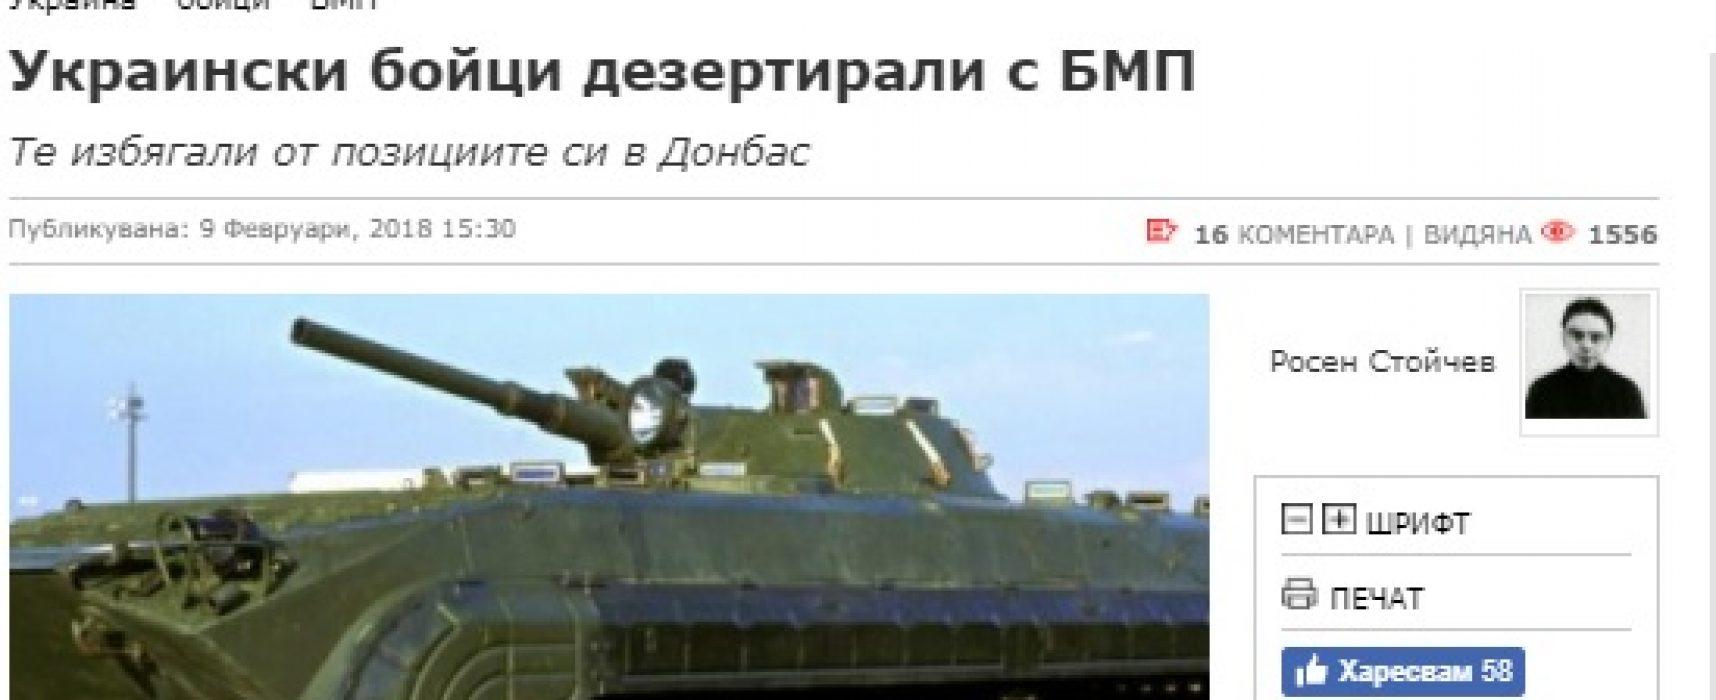 Фейк: Украински бойци дезертирали с БМП